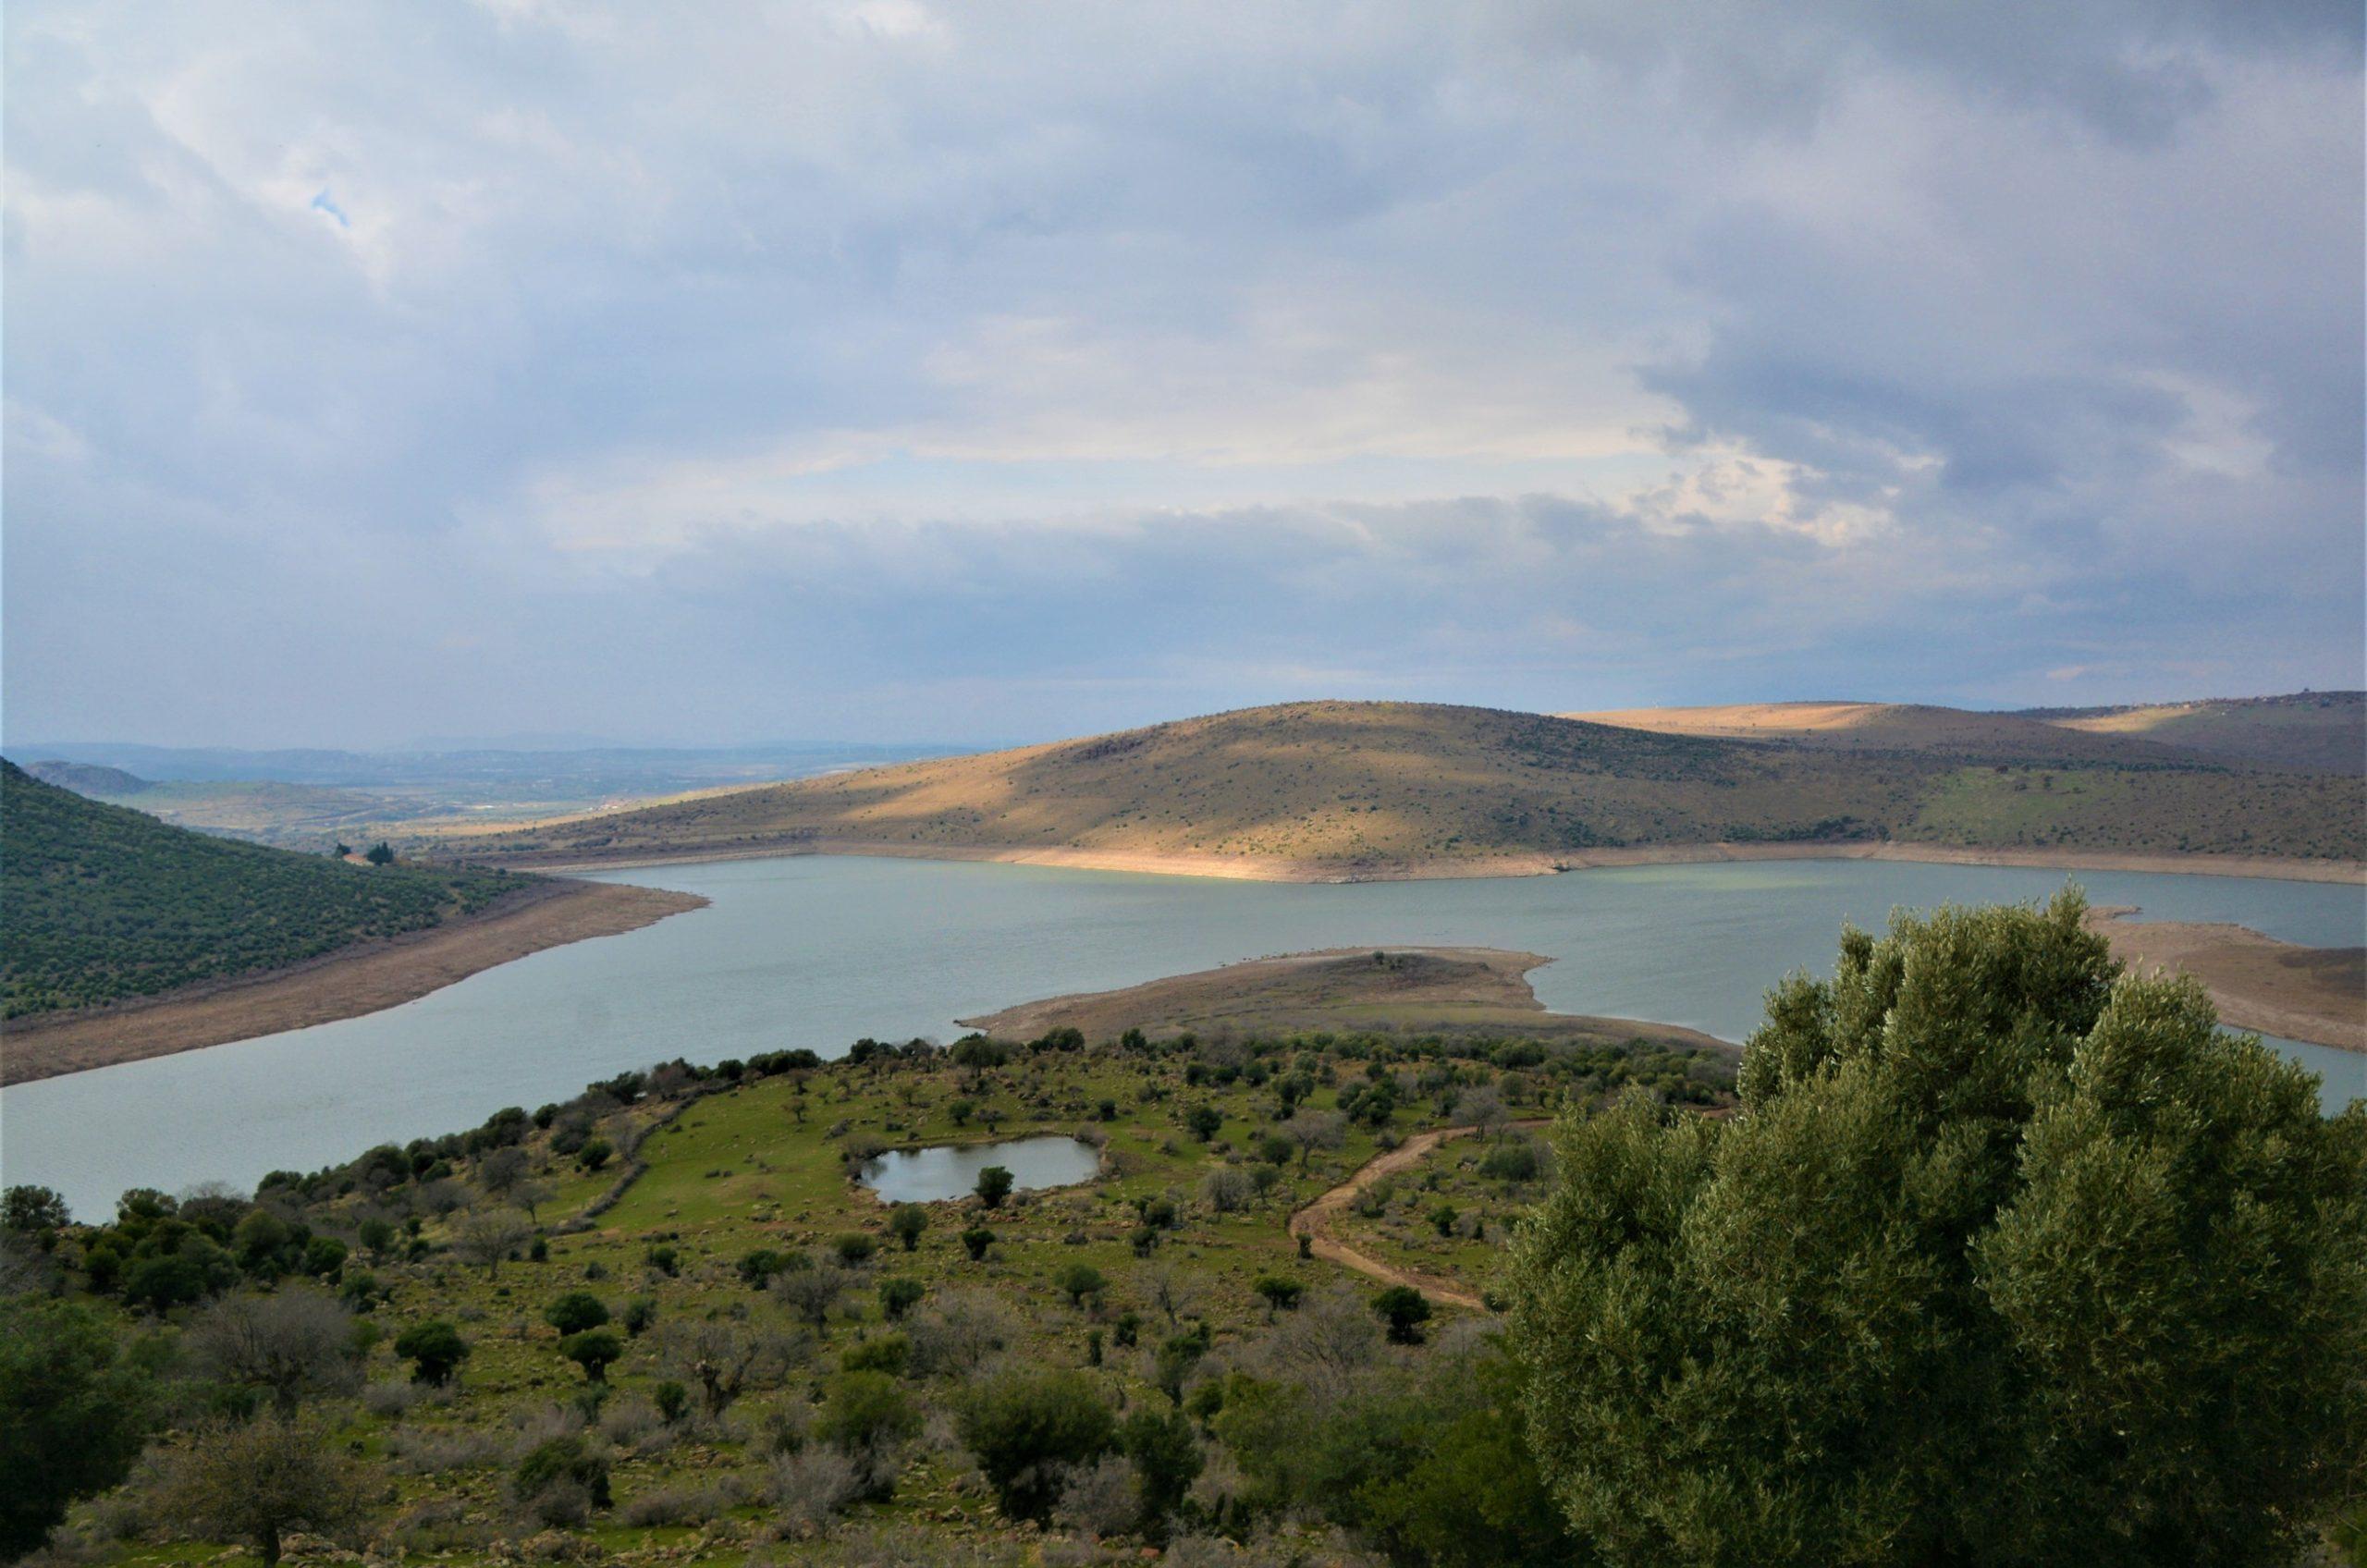 Yağmurlar Sonuç Verdi: Güzelhisar Barajı'nda Doluluk Yüzde 81